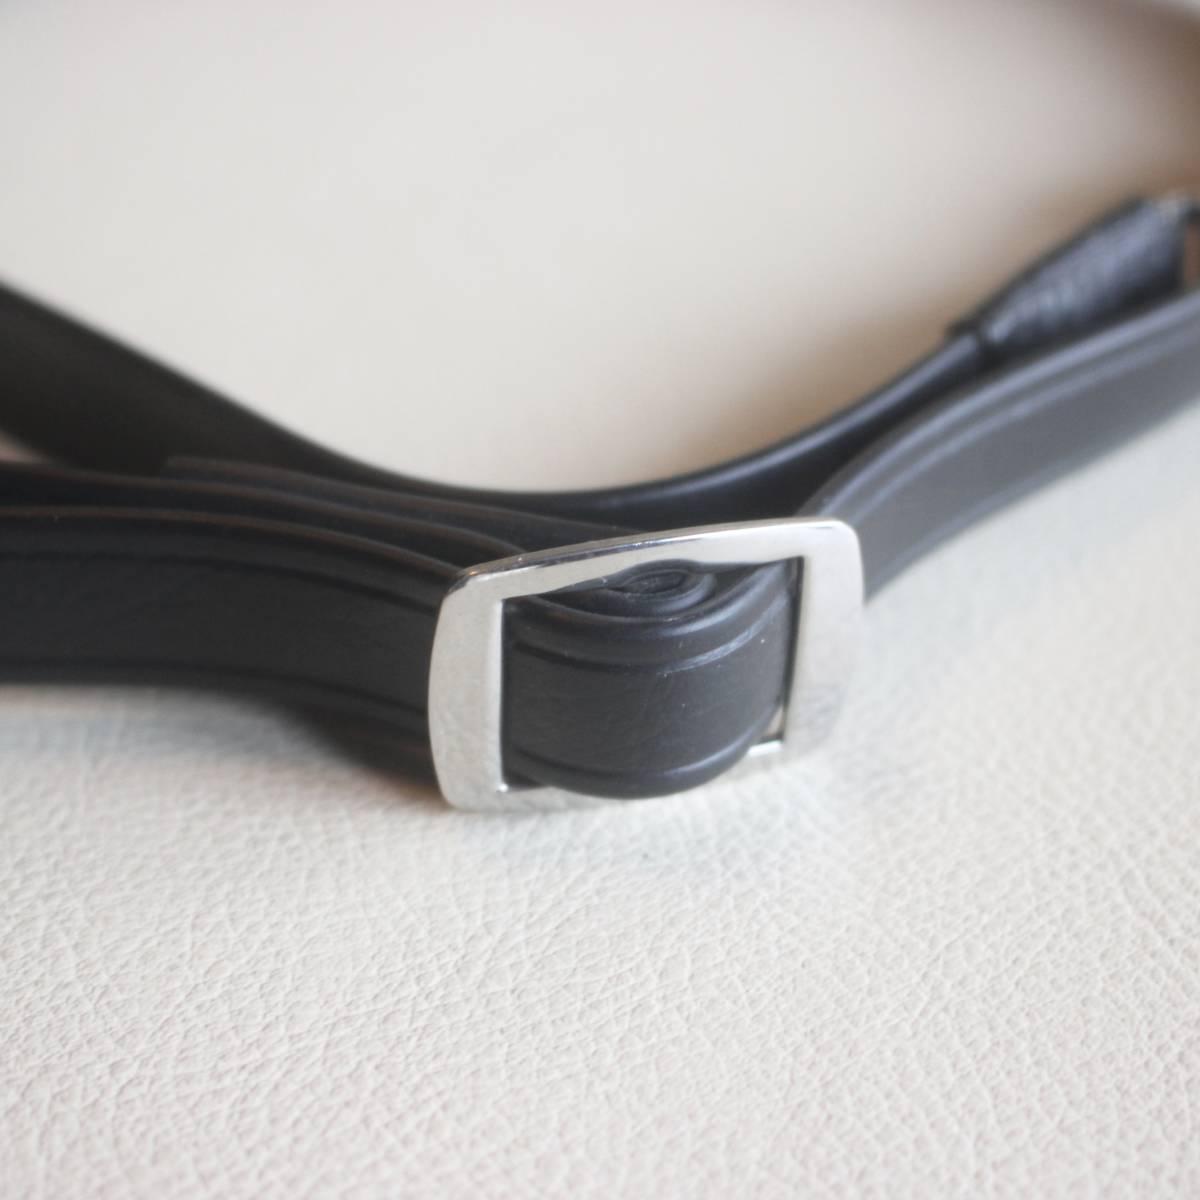 ゼンザ ブロニカ ZENZA BRONICA ストラップ 黒色 ブラック 金具付き (S2後期 ~ ECシリーズ 用) ★(68)_画像5